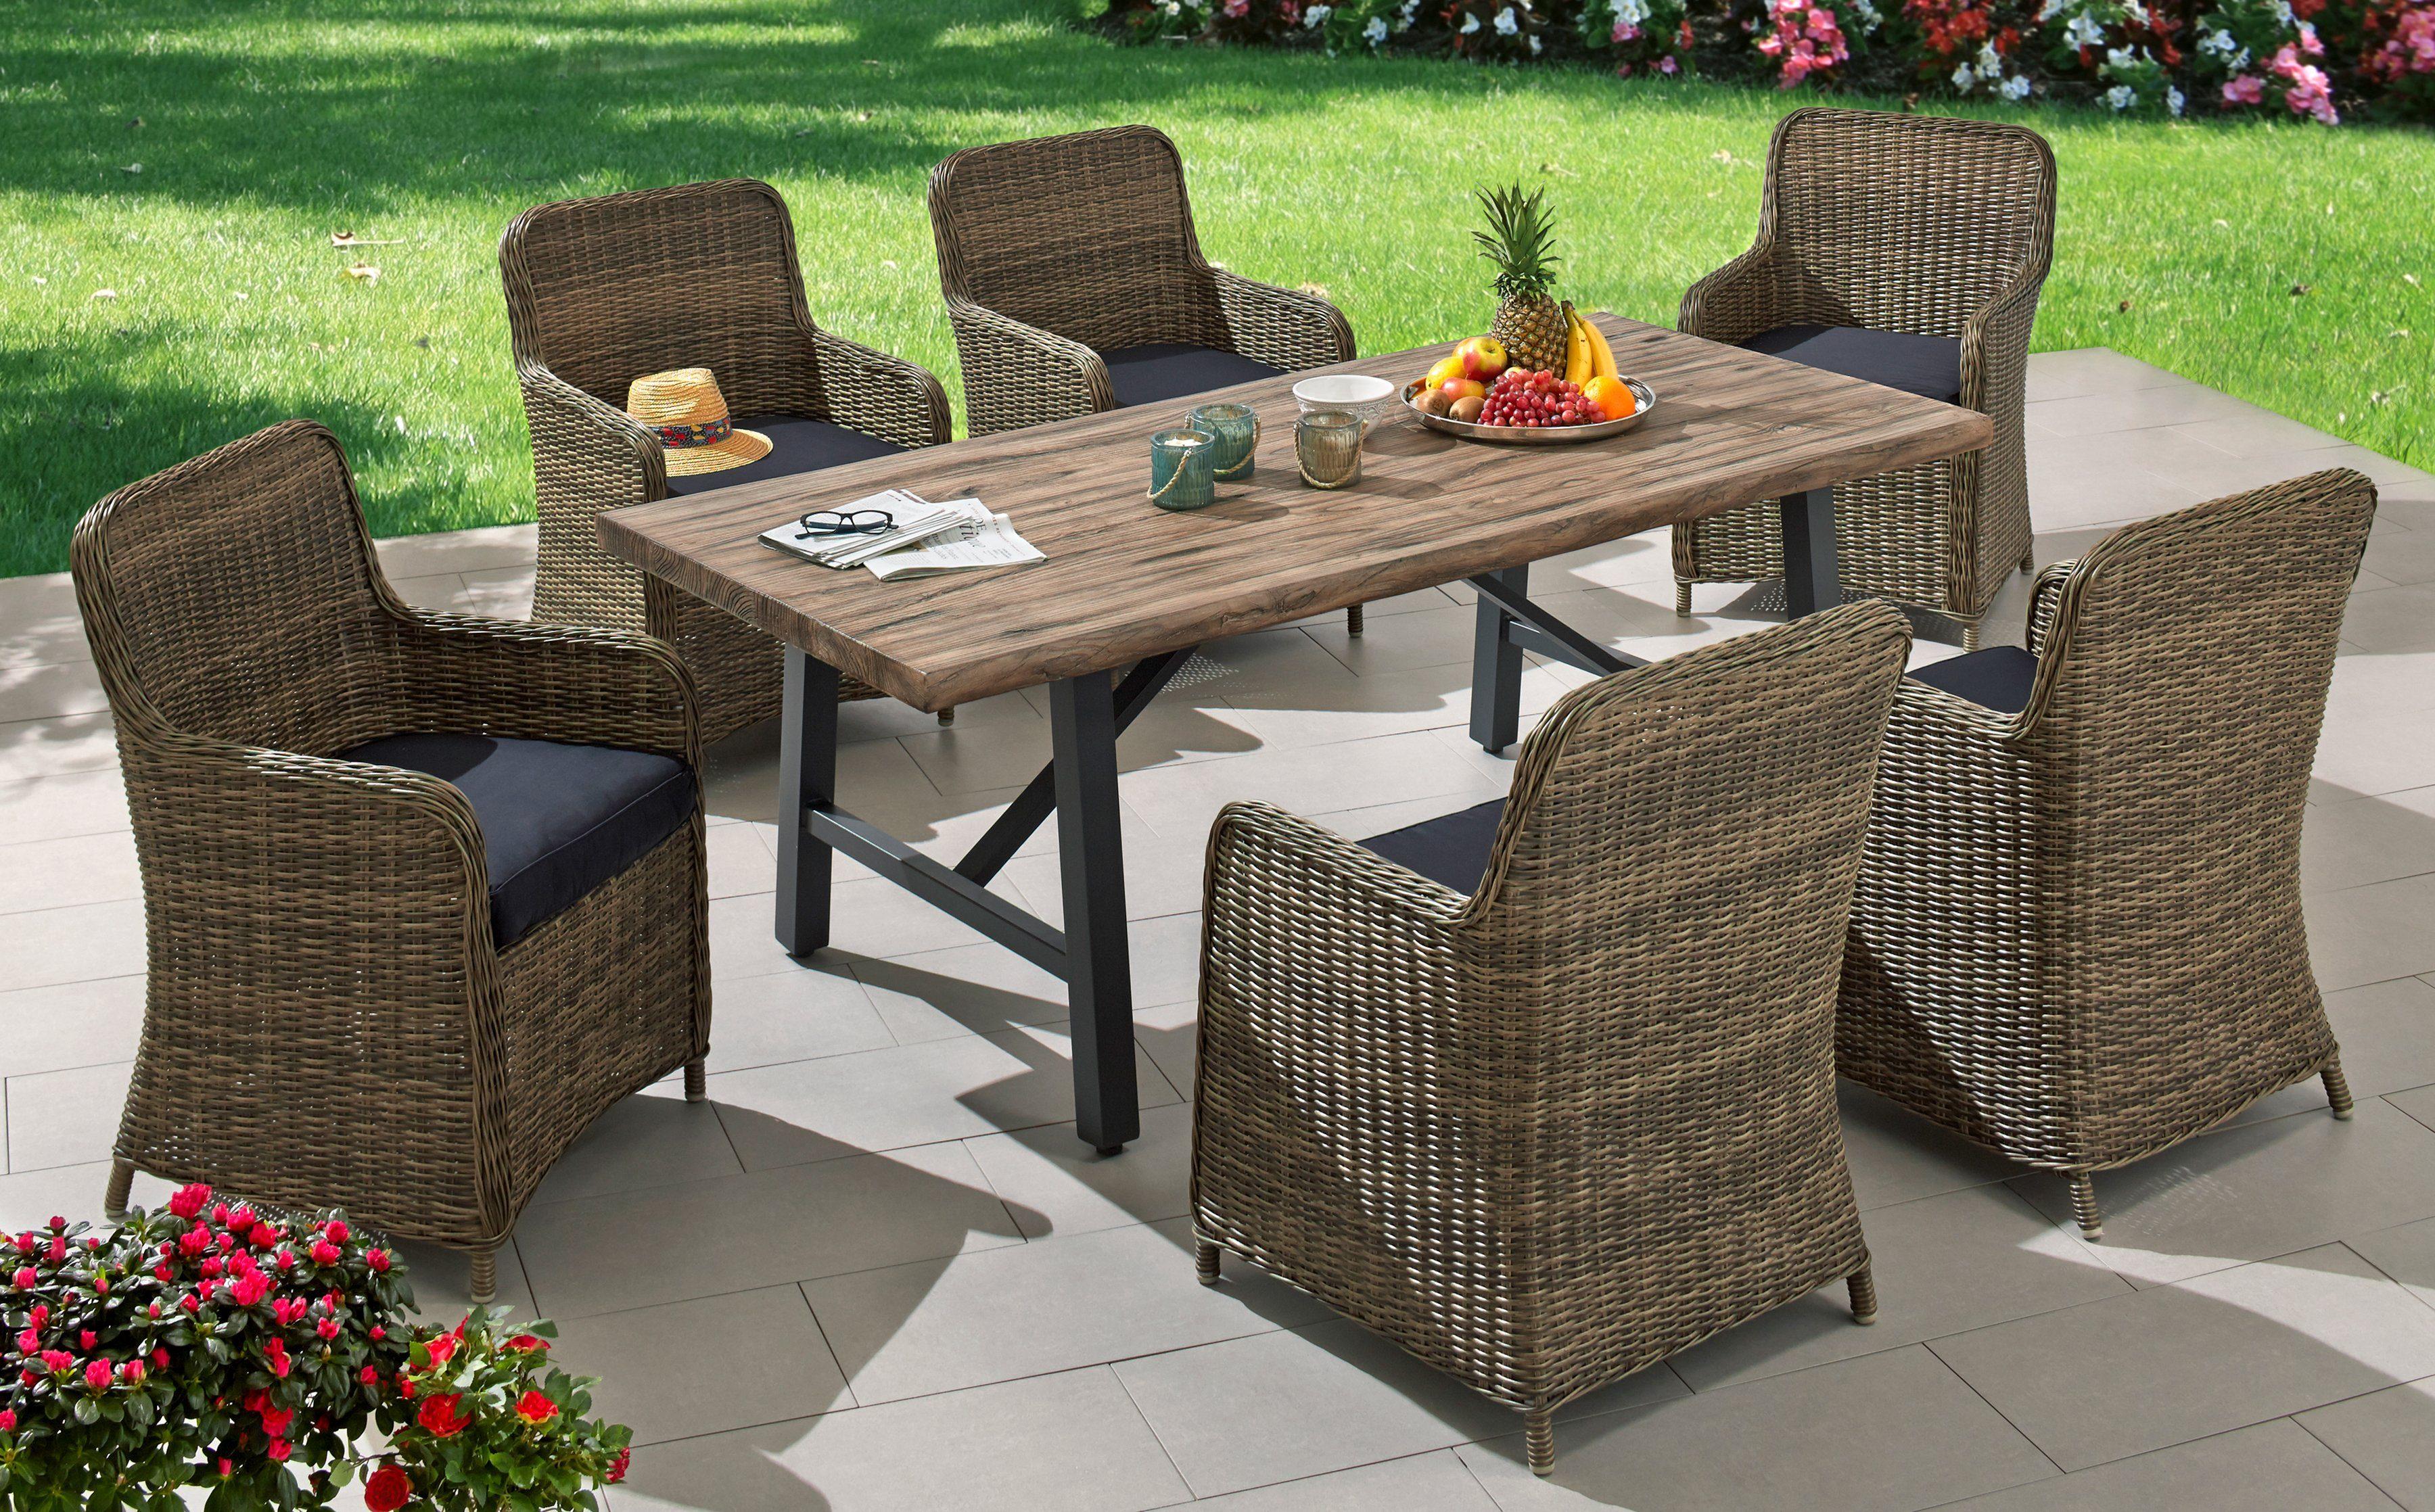 Gartenmöbelset »Kanada«, 6 Sessel, Tisch 200x93 cm, Polyrattan, inkl. Auflagen, braun